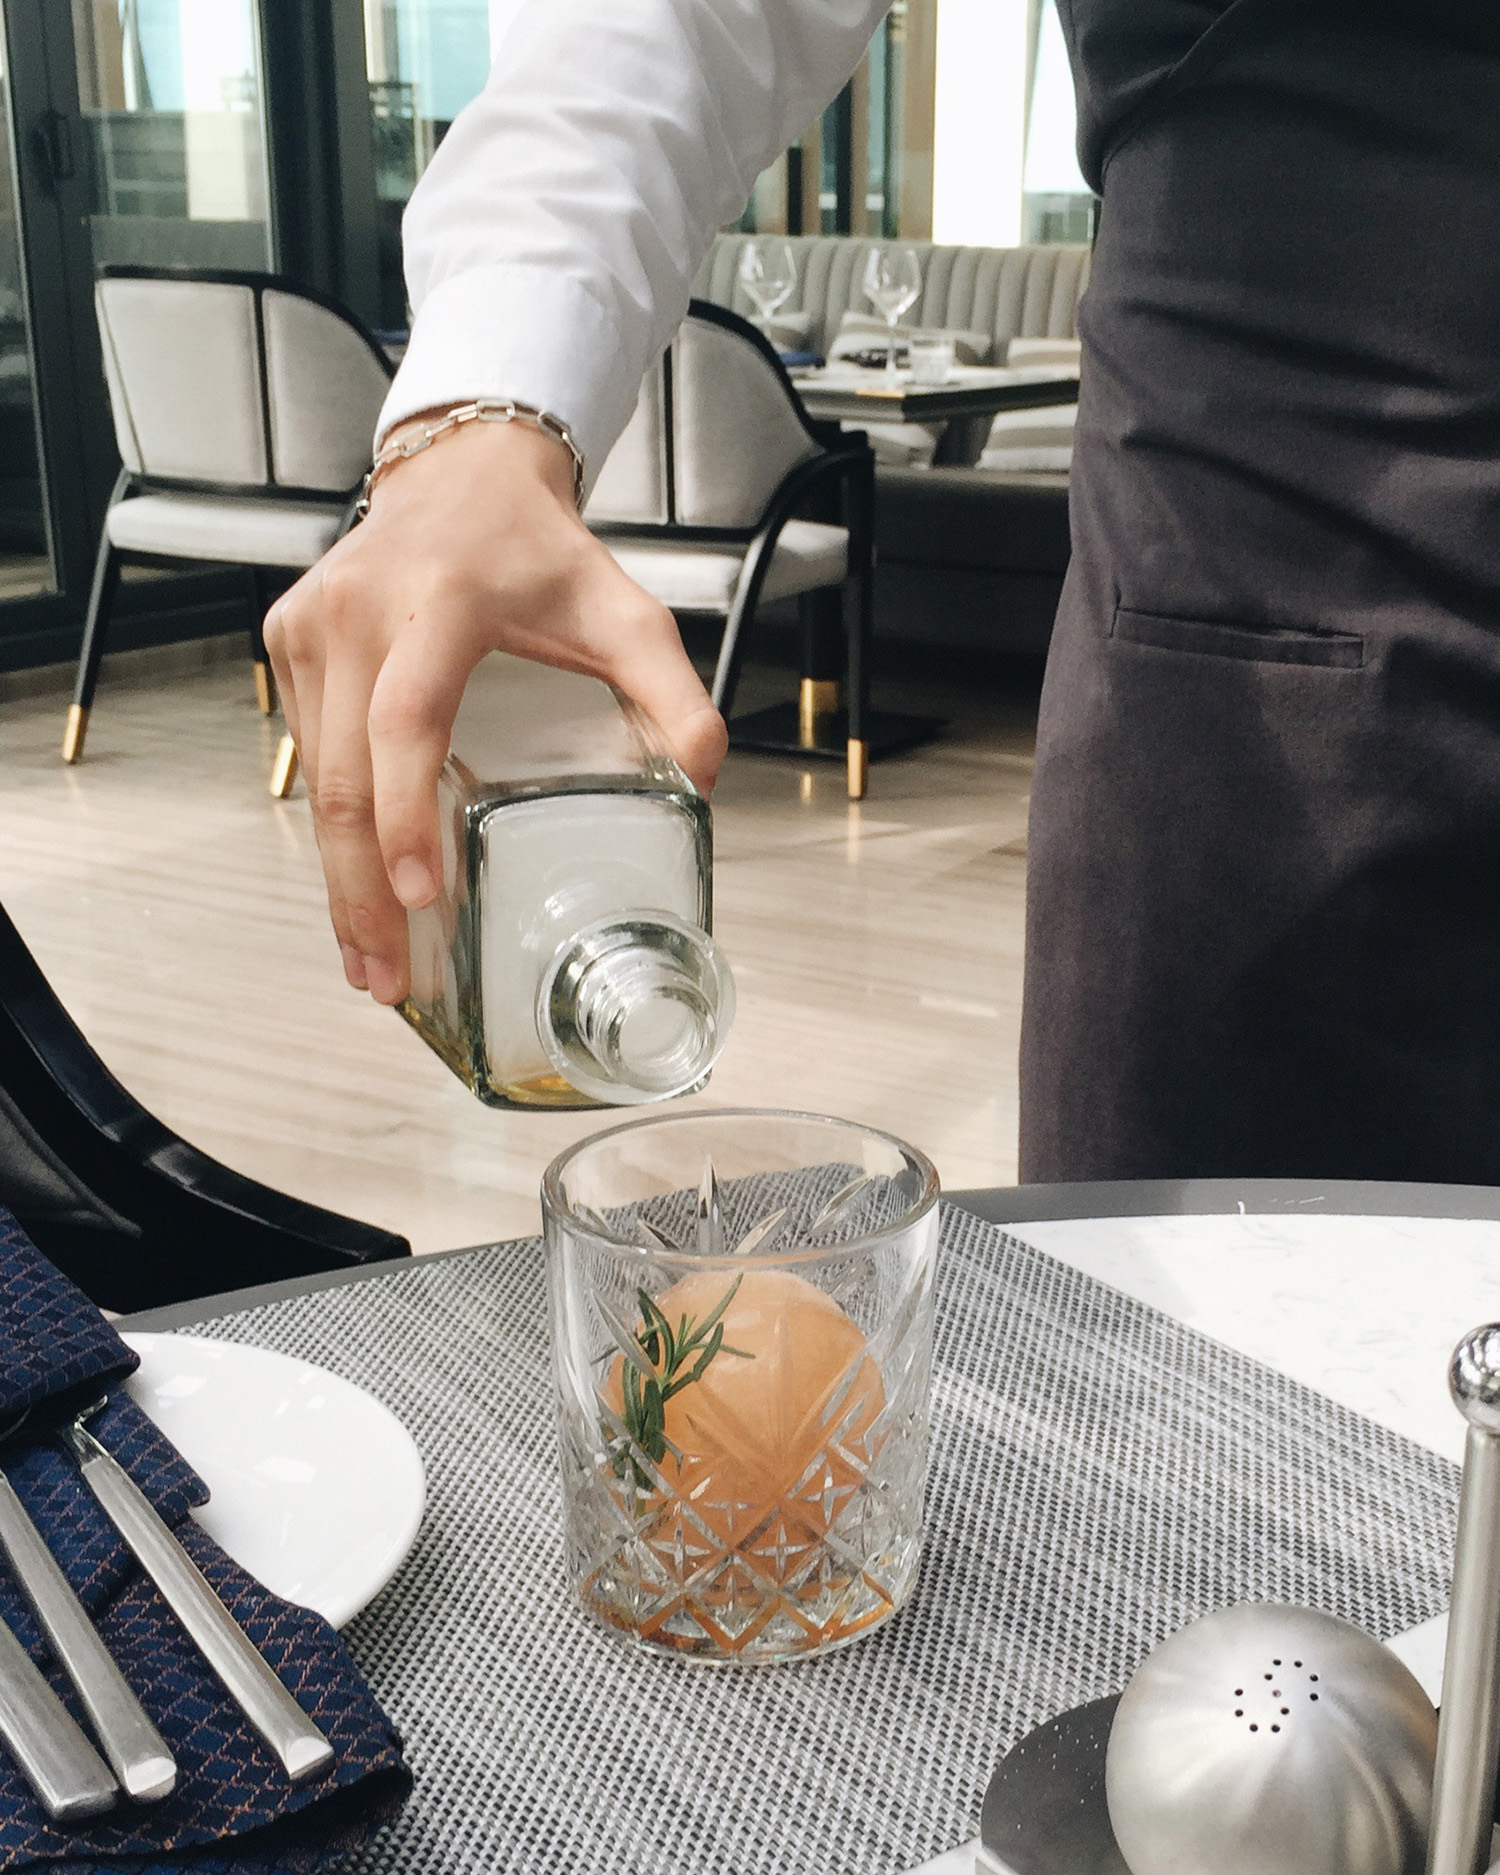 Đây là Golden Sangria, cocktail mà mình sẽ recommend khi các bạn đặt bàn tại Bistecca. Sự kết hợp giữa white wine và apple juice hoà quyện với hương thơm từ thyme đẩy lên cao trào với smoke từ gỗ thông sẽ làm khứu giác của bạn điên đảo khi thưởng thức giữa không gian ngập tràn nắng chiều hoàng hôn của Đà Nẵng xinh đẹp.